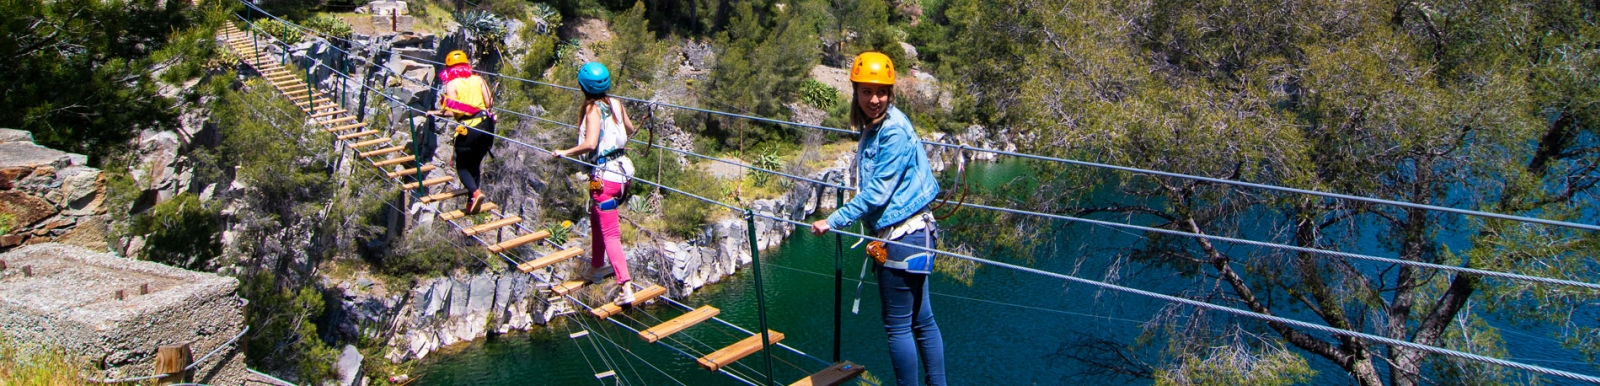 parcours aventure lac du dramont